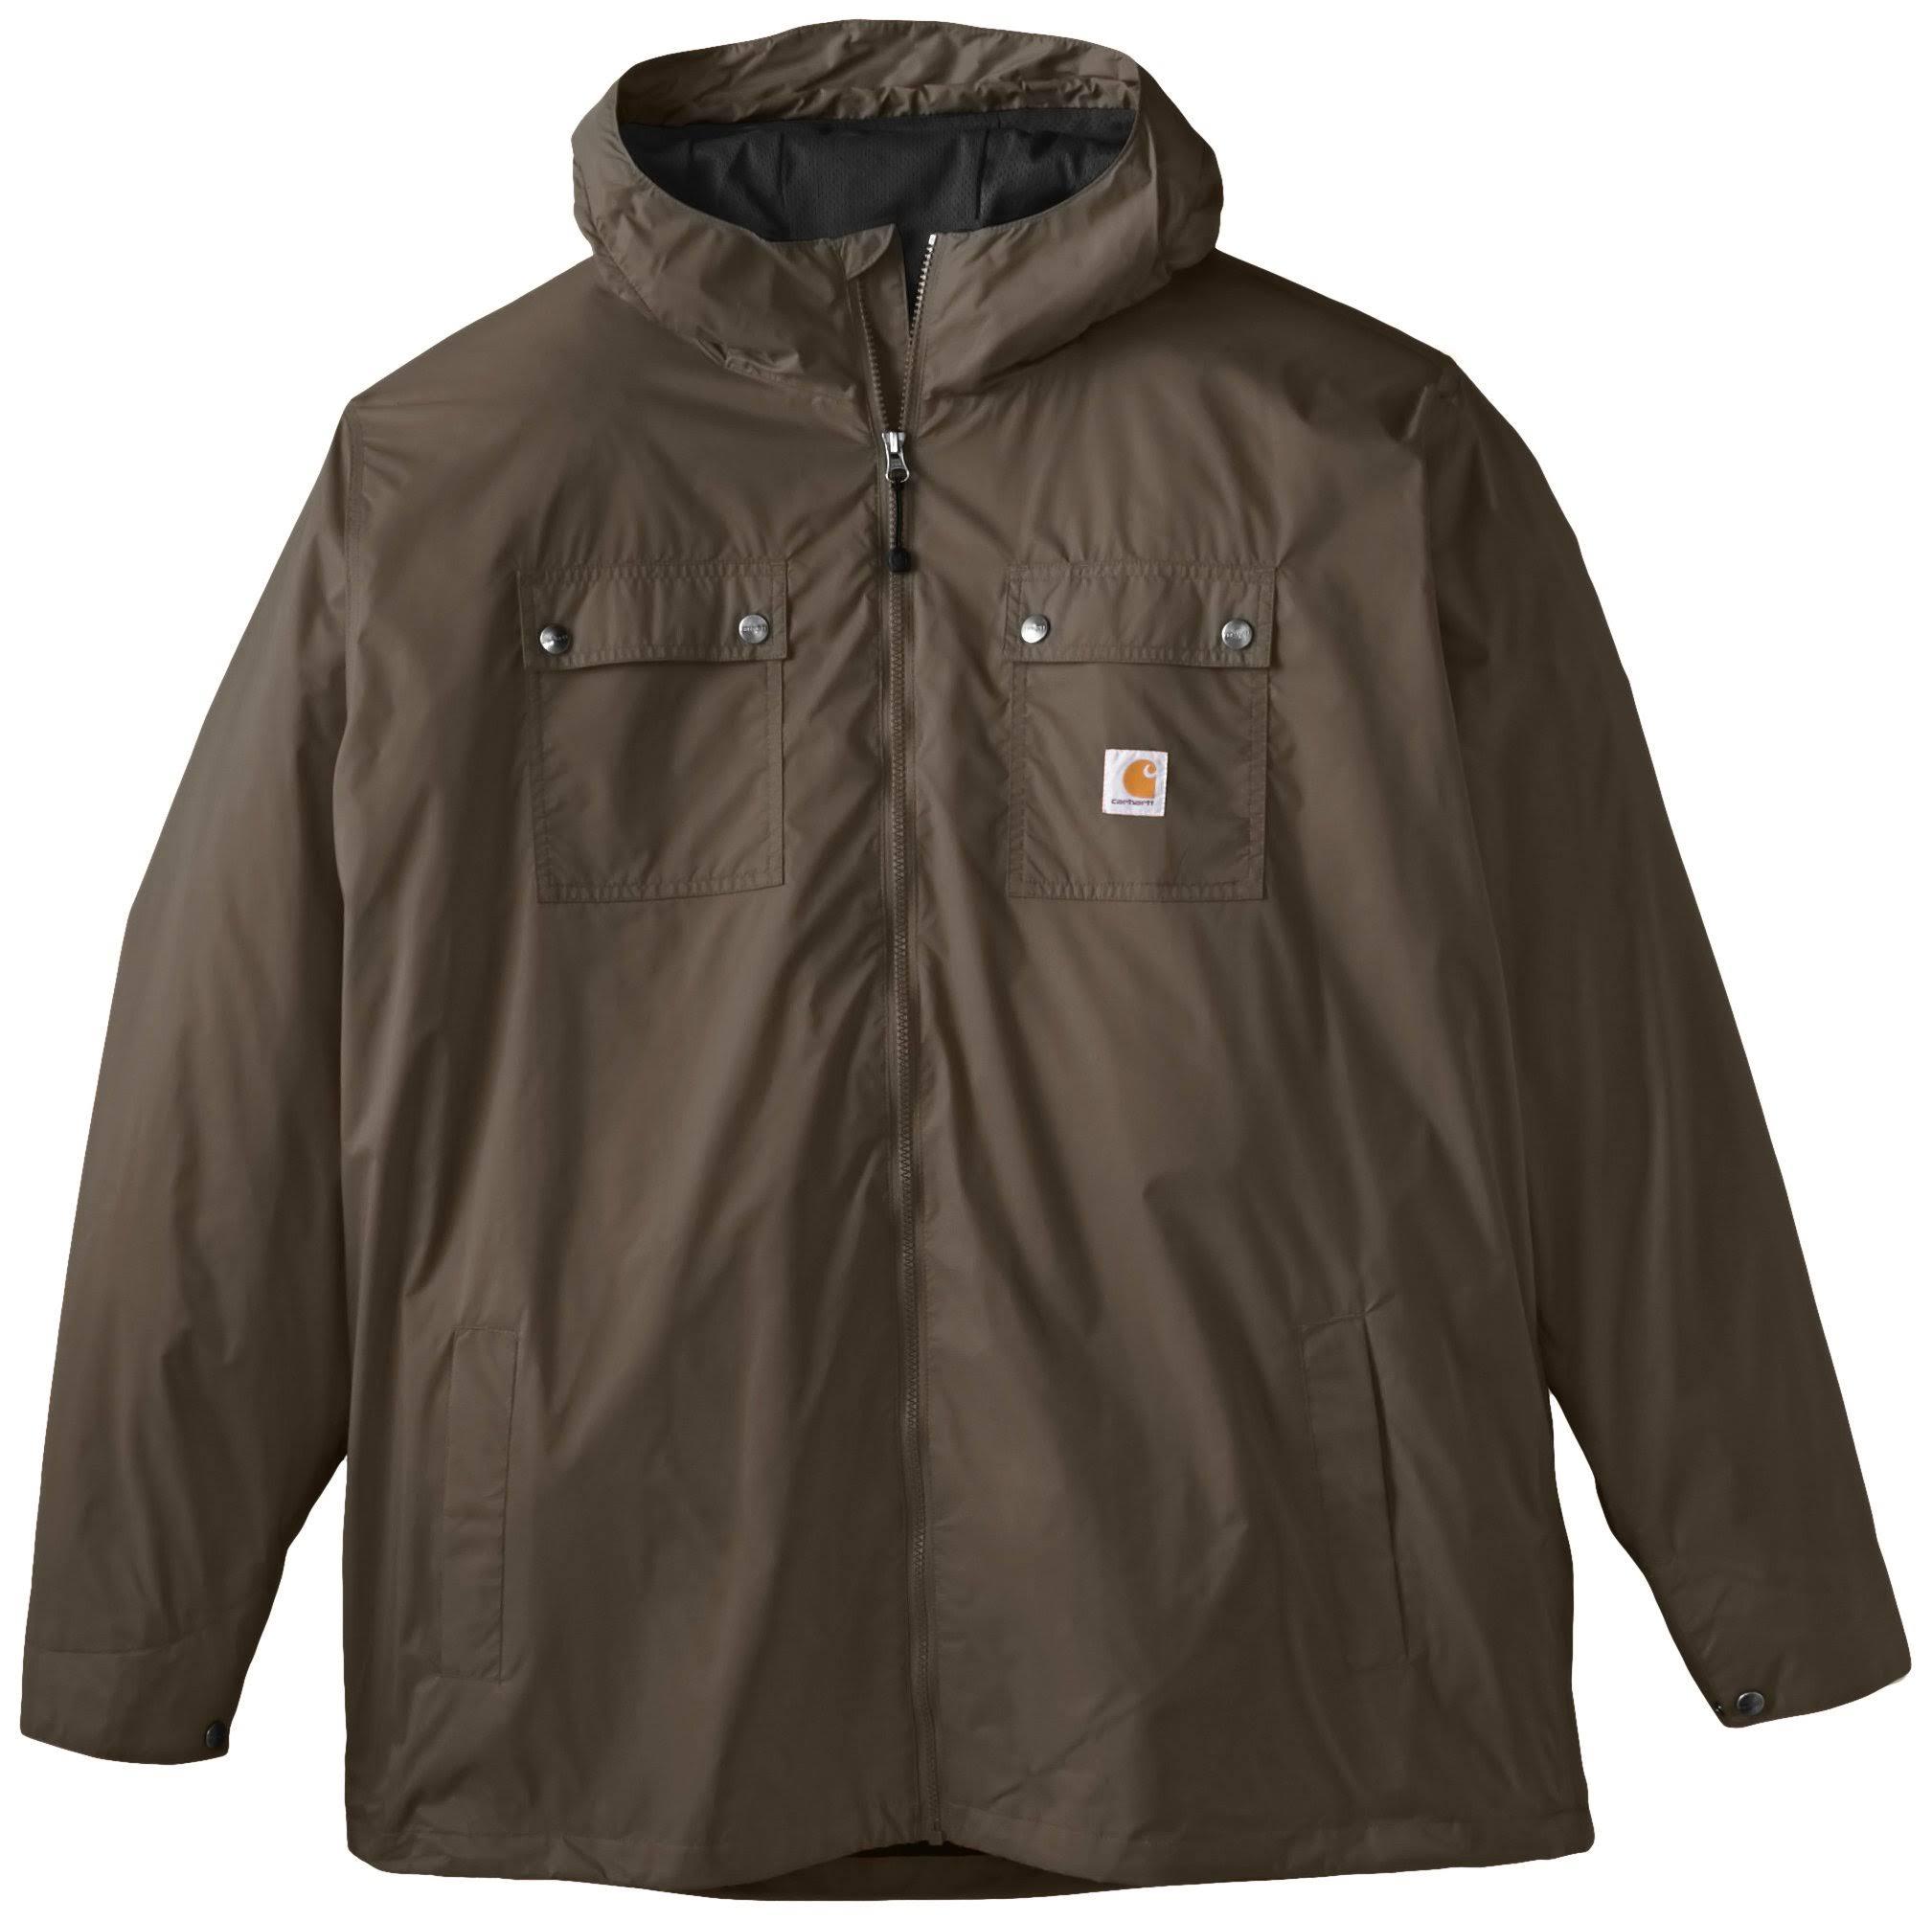 Alta Y Para Hombre Rockford Grande Carhartt Chaqueta Rain De Alta Defender qfPTwUW